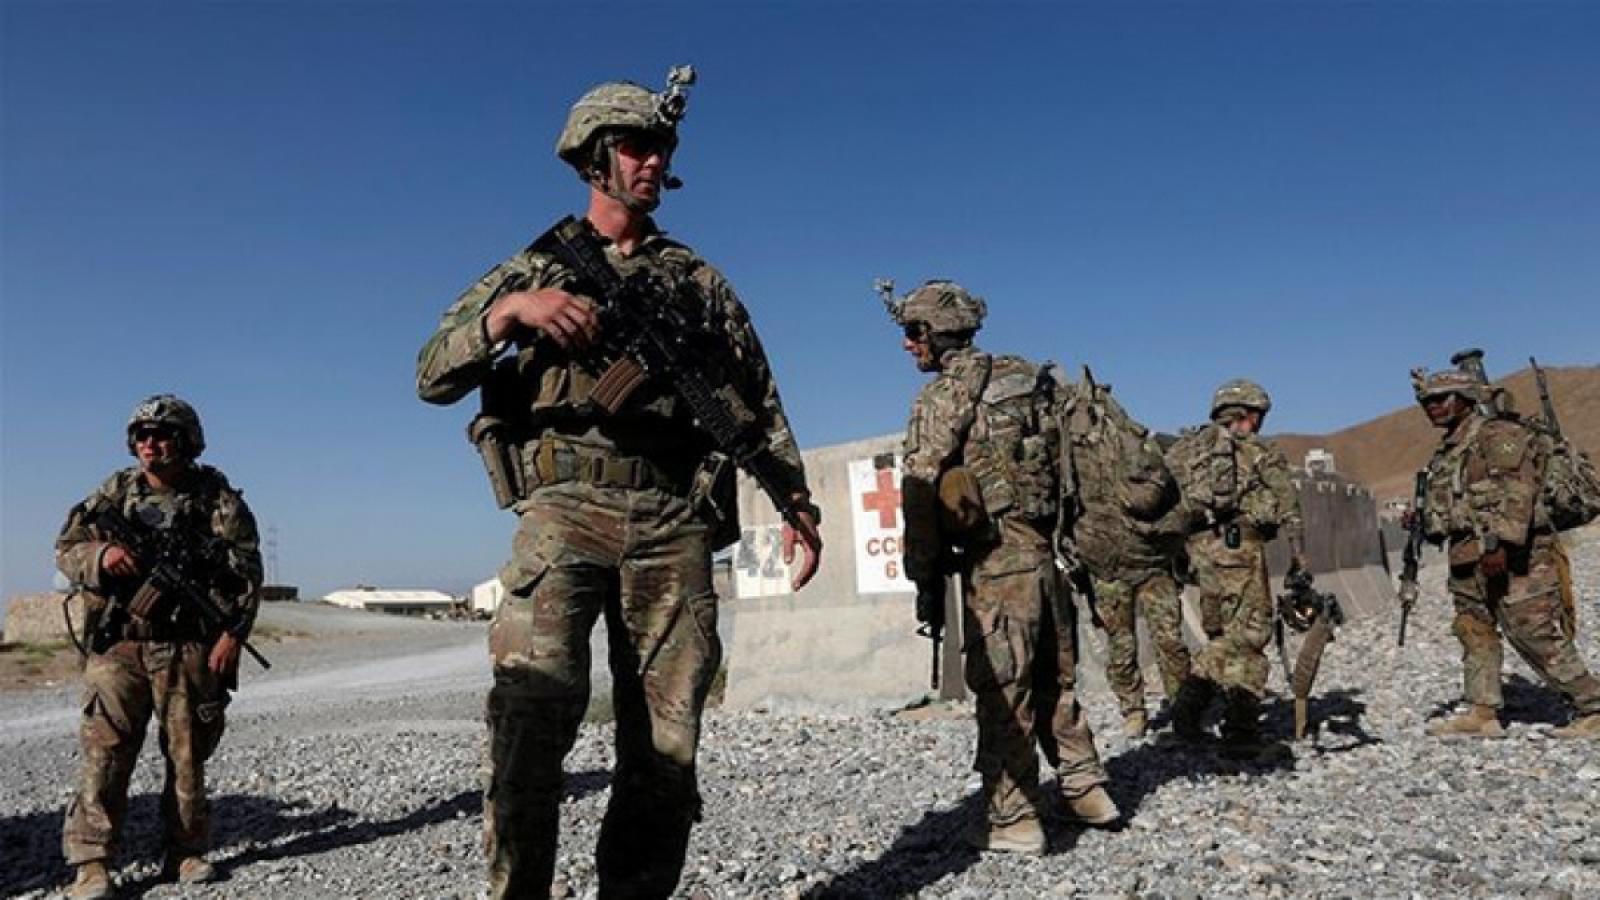 Cuộc chiến của Mỹ ở Afghanistan qua những con số